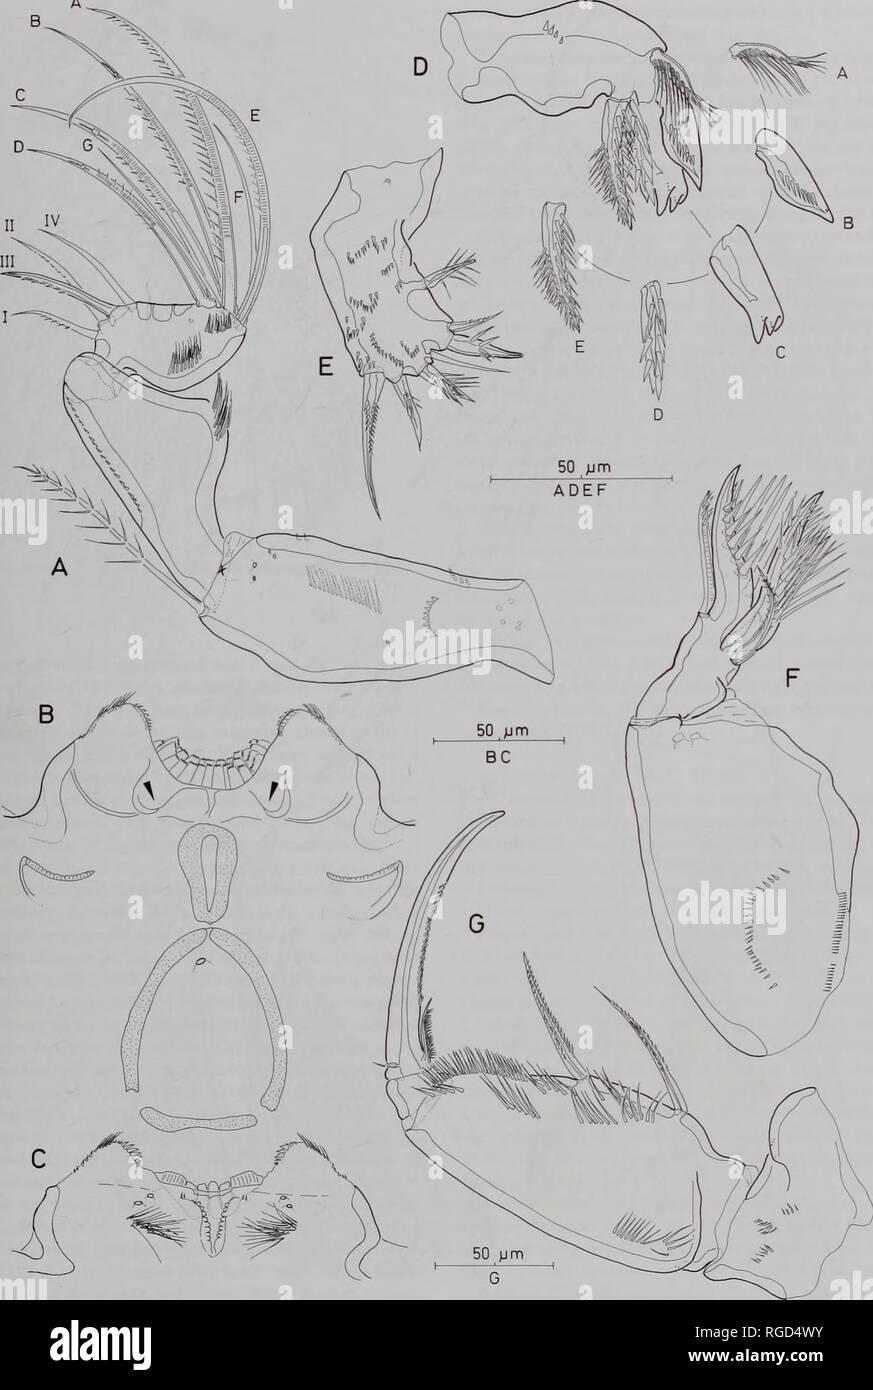 Boletín Del Museo De Historia Natural De La Zoología Siete Especies